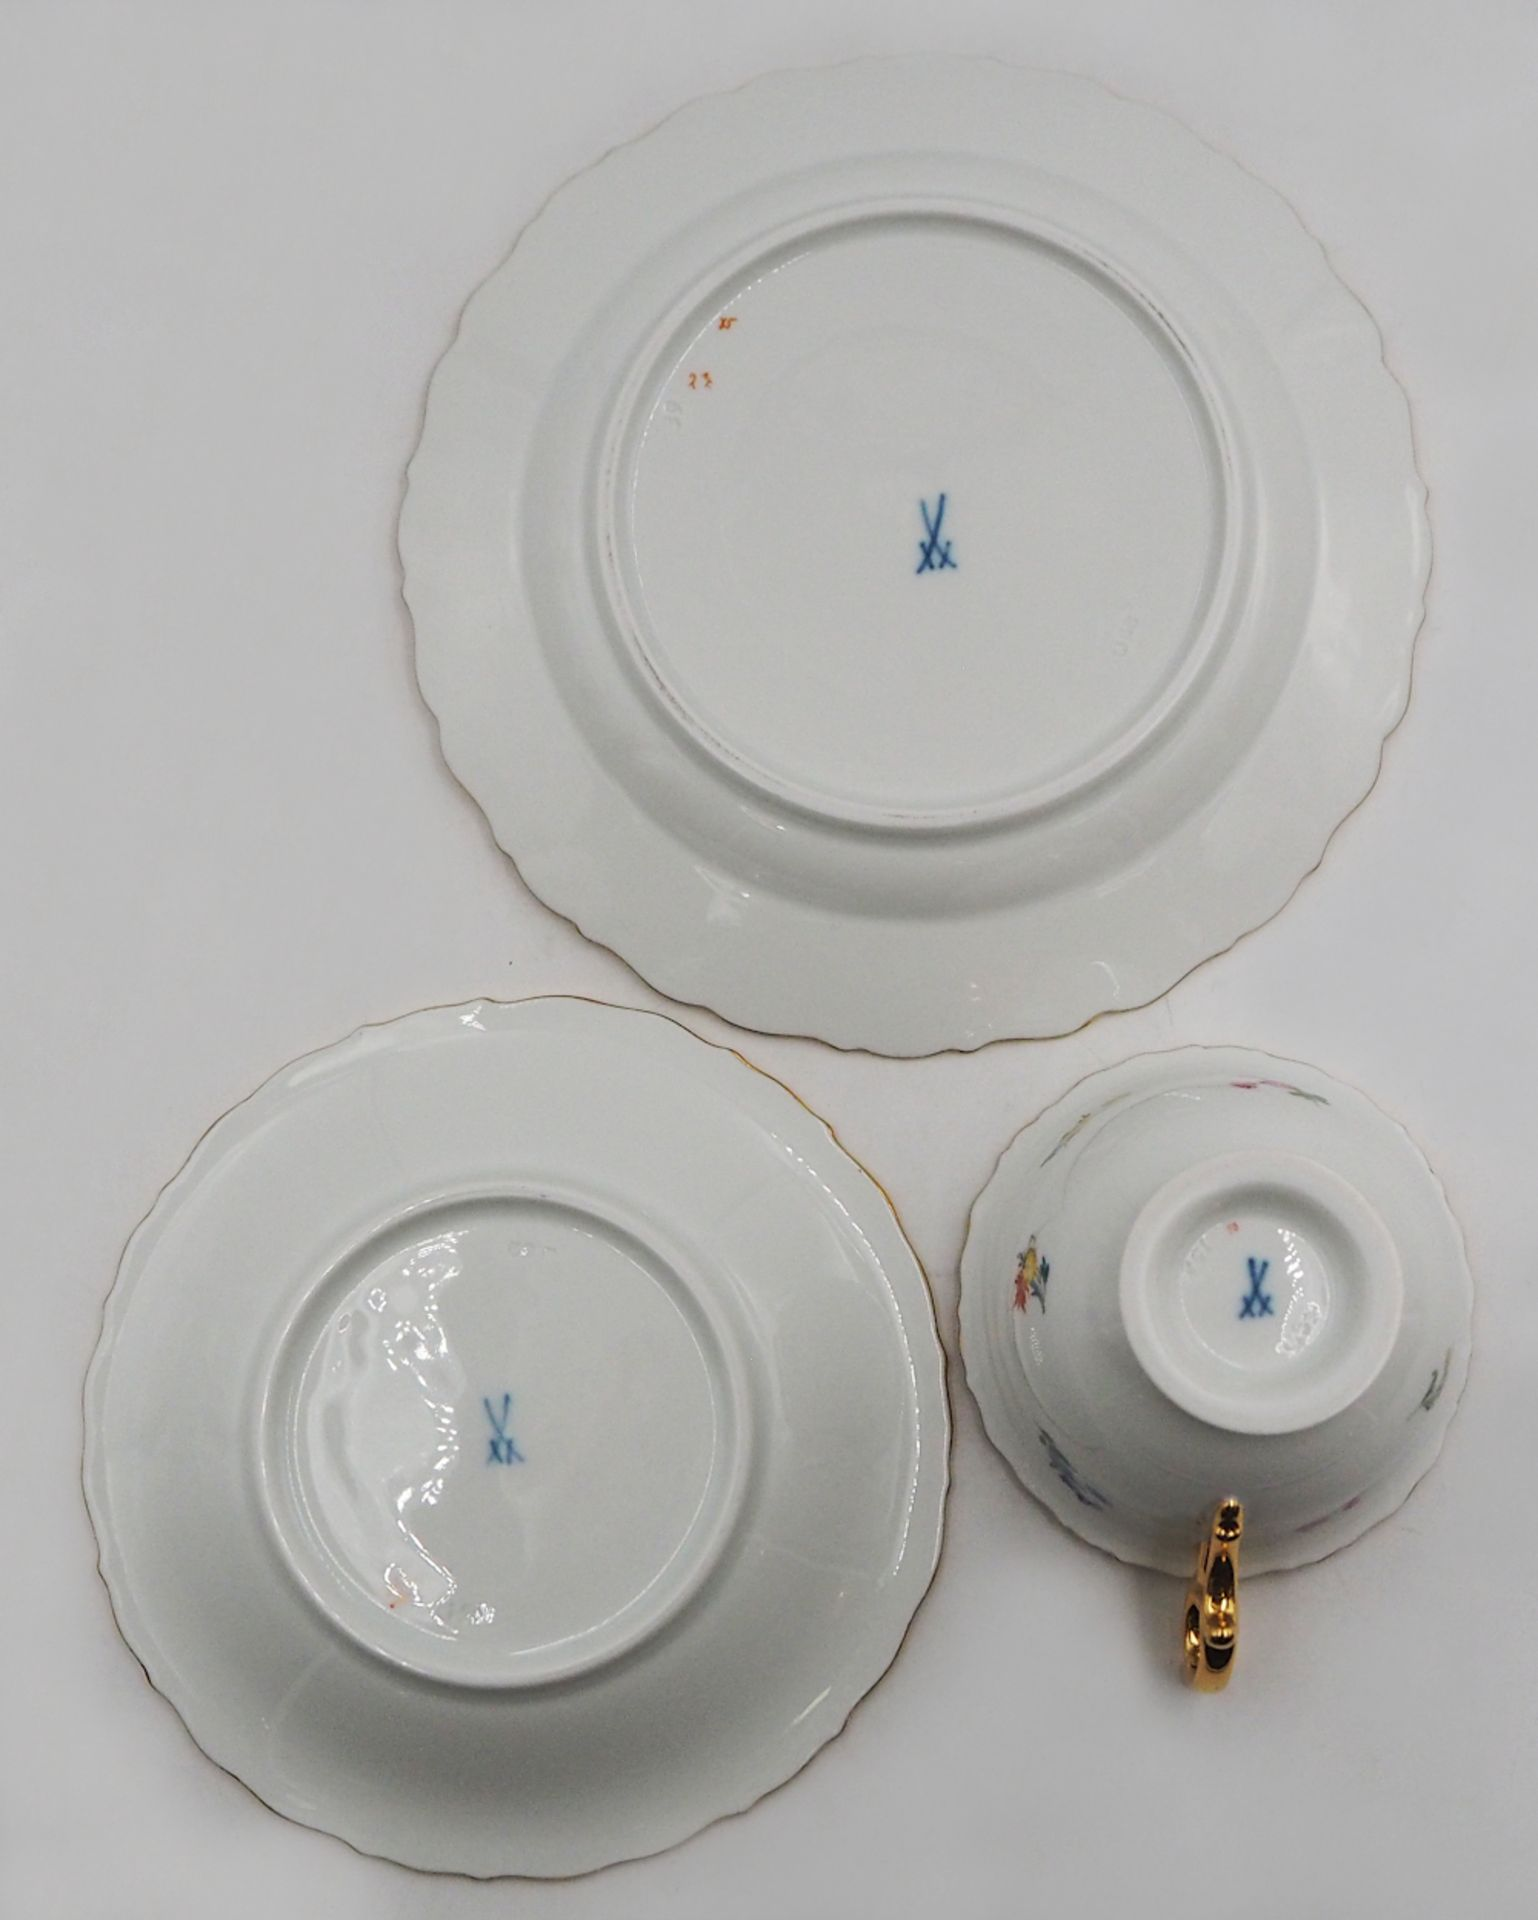 """12 Gedecke Porzellan MEISSEN z.T. um 1900 je mit gepresster Modellnummer """"U62/68"""" u.a. - Bild 2 aus 3"""